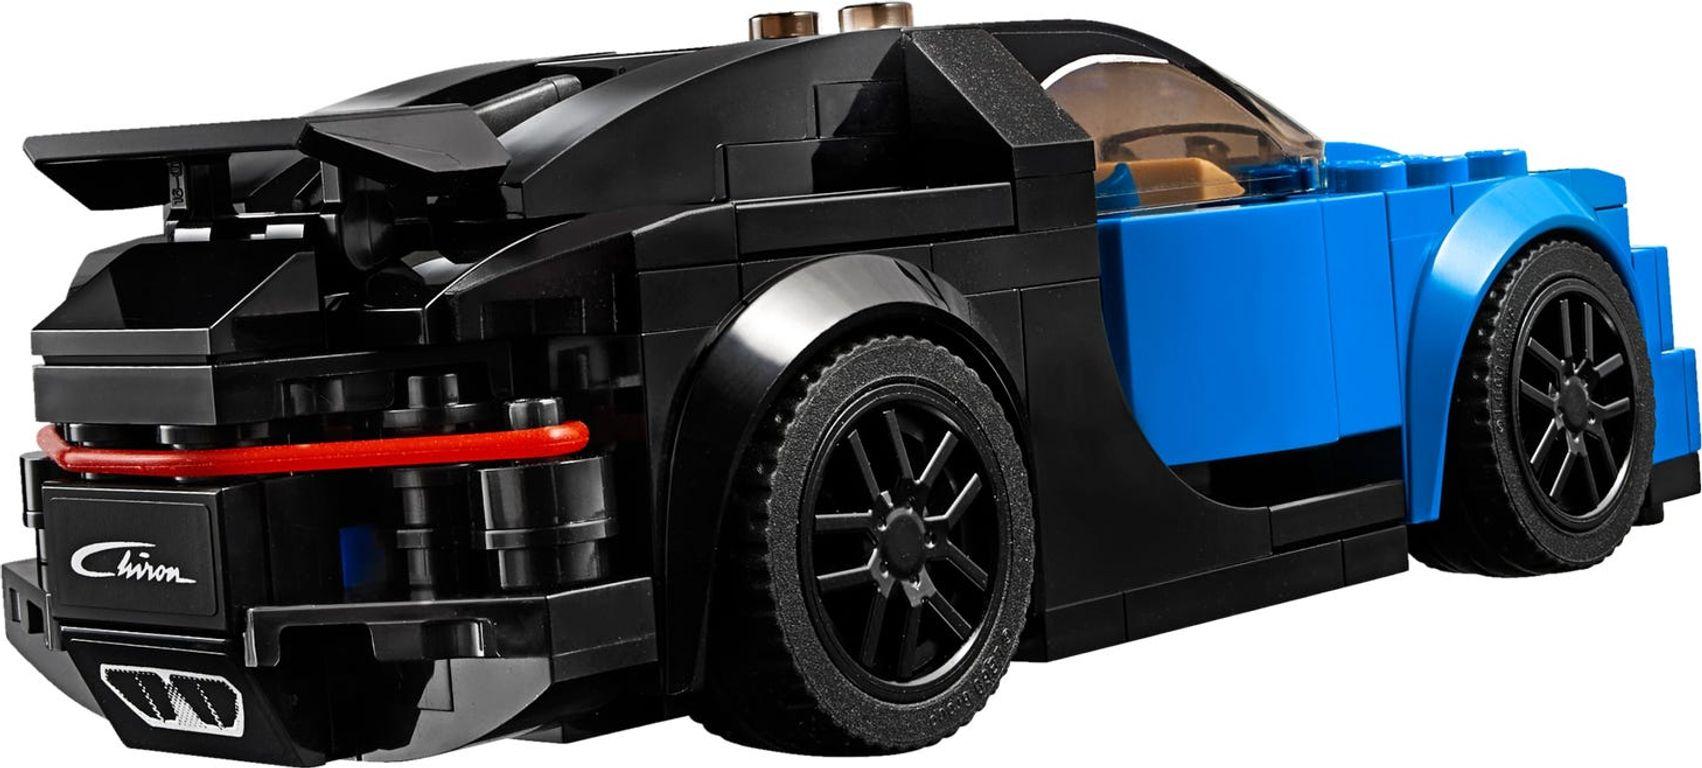 Bugatti Chiron back side